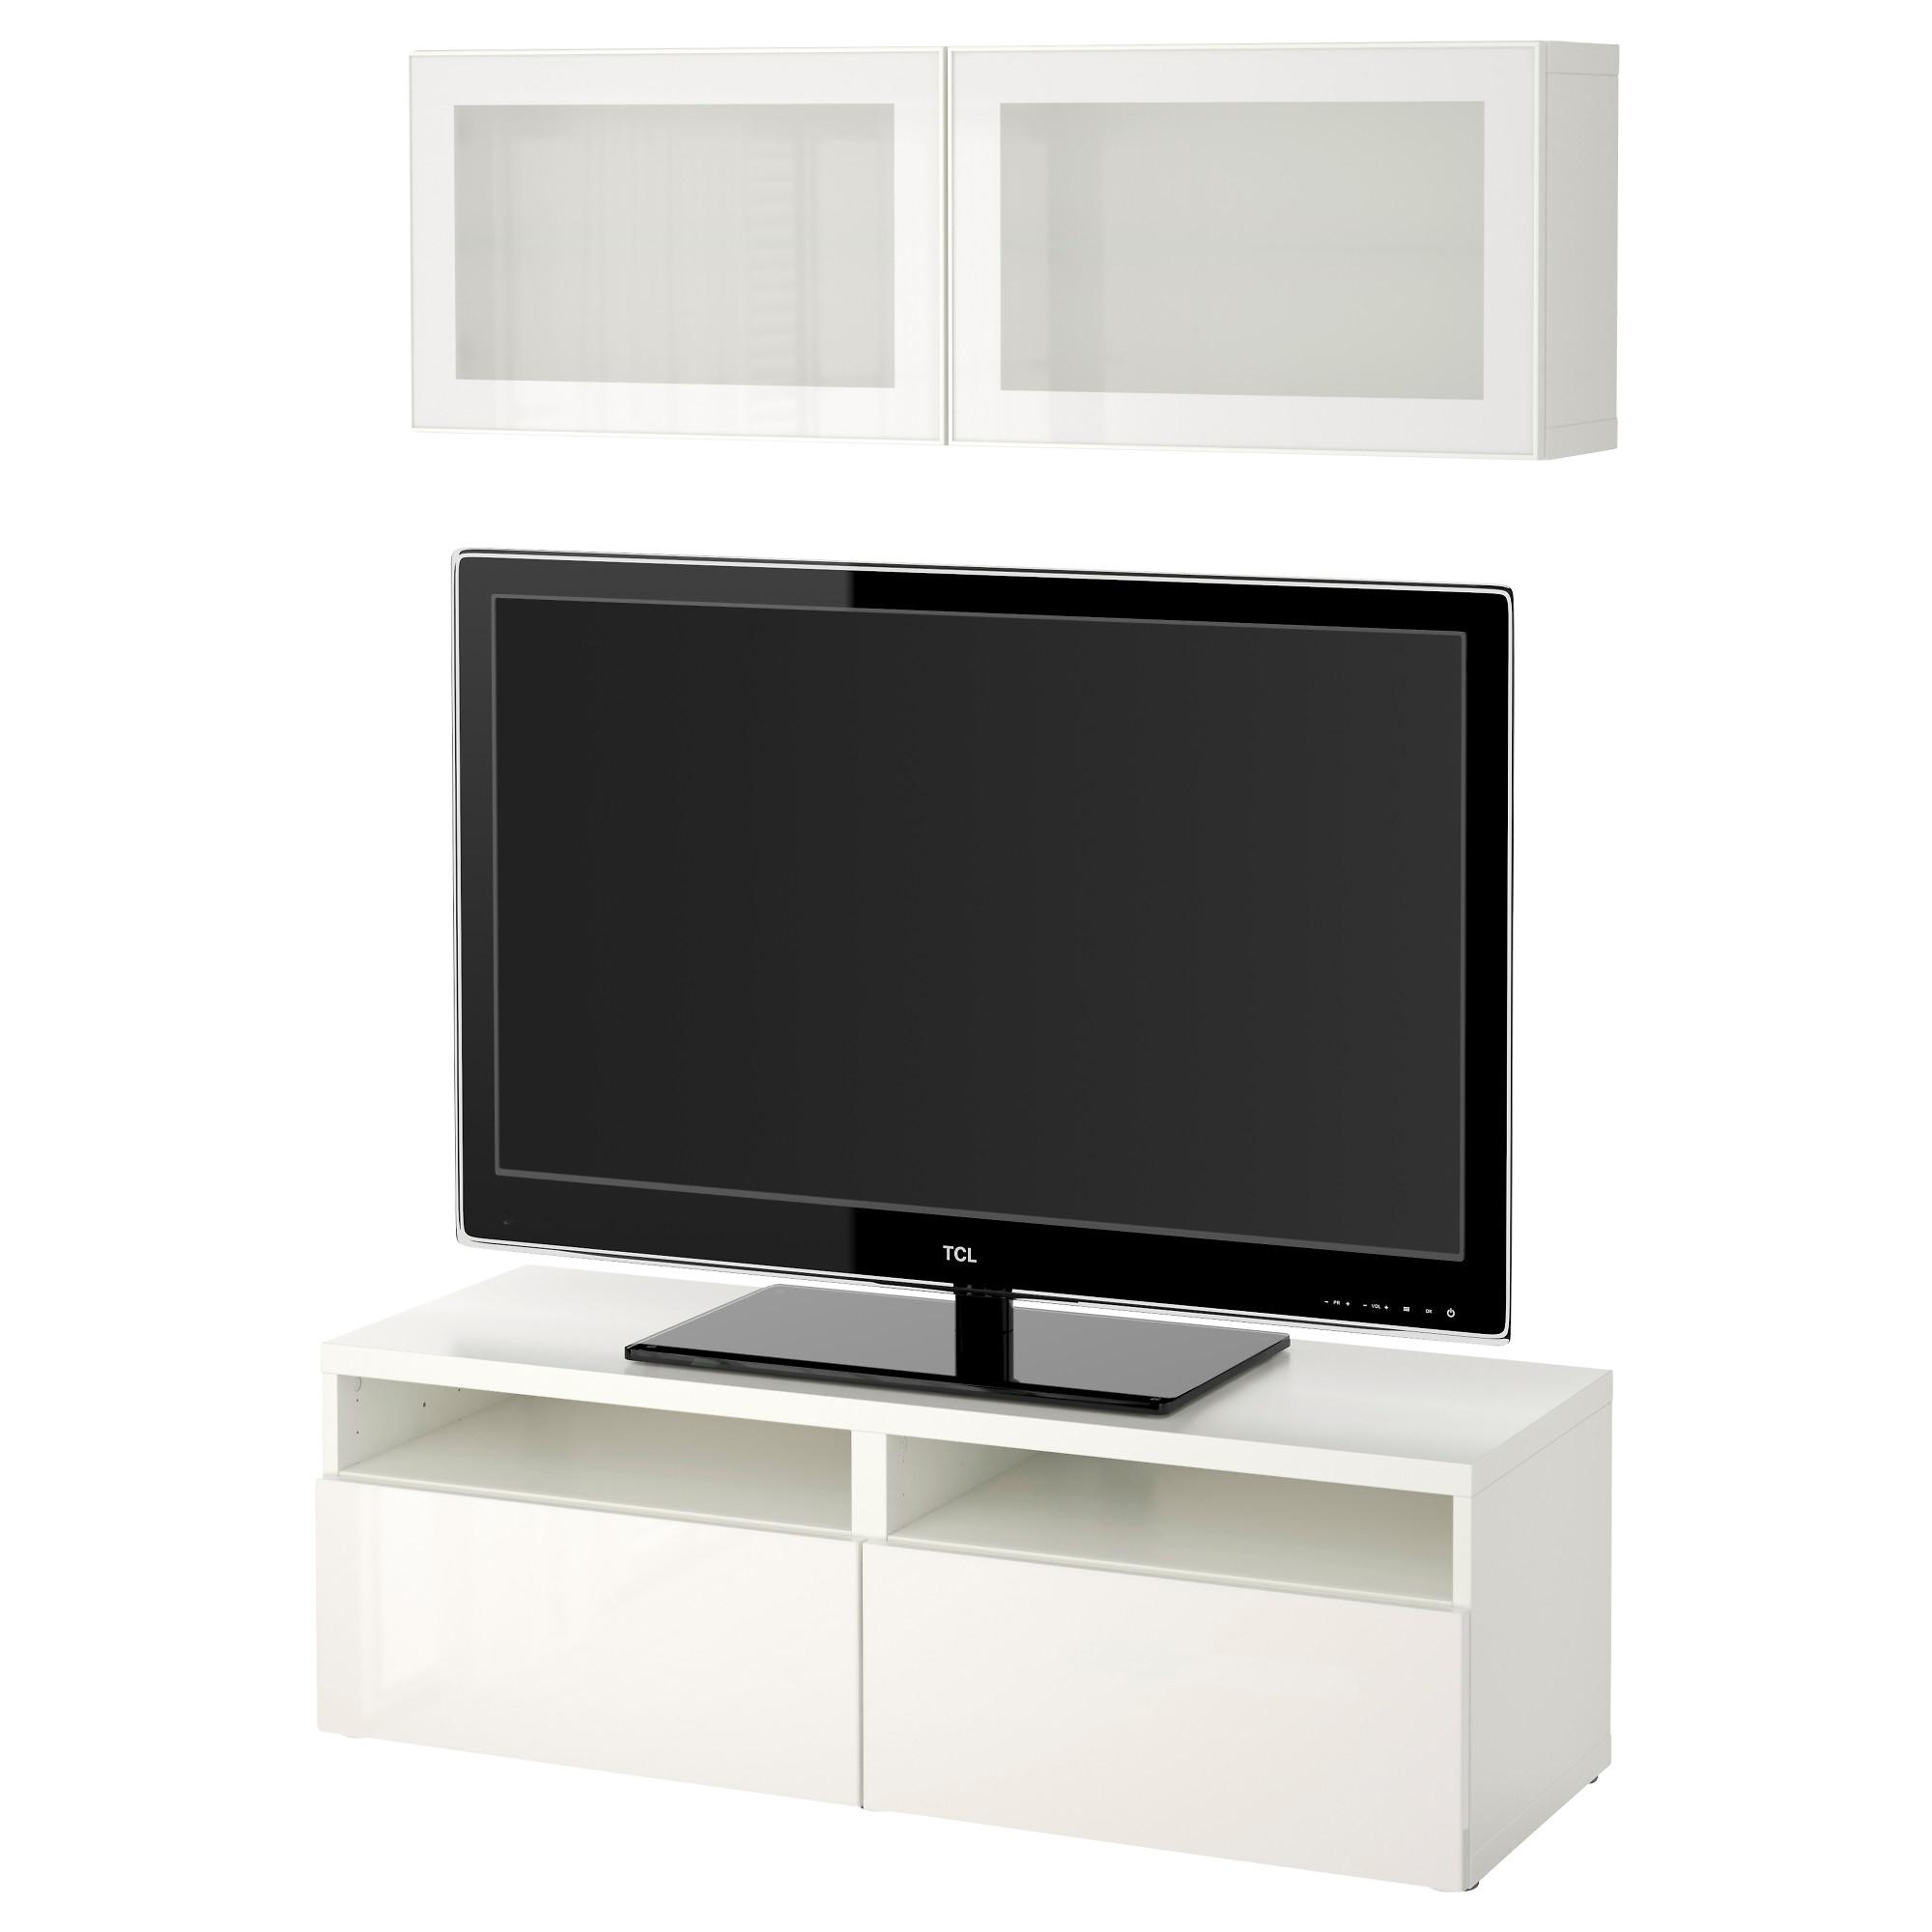 BESTu00c5 TV storage combination/glass doors